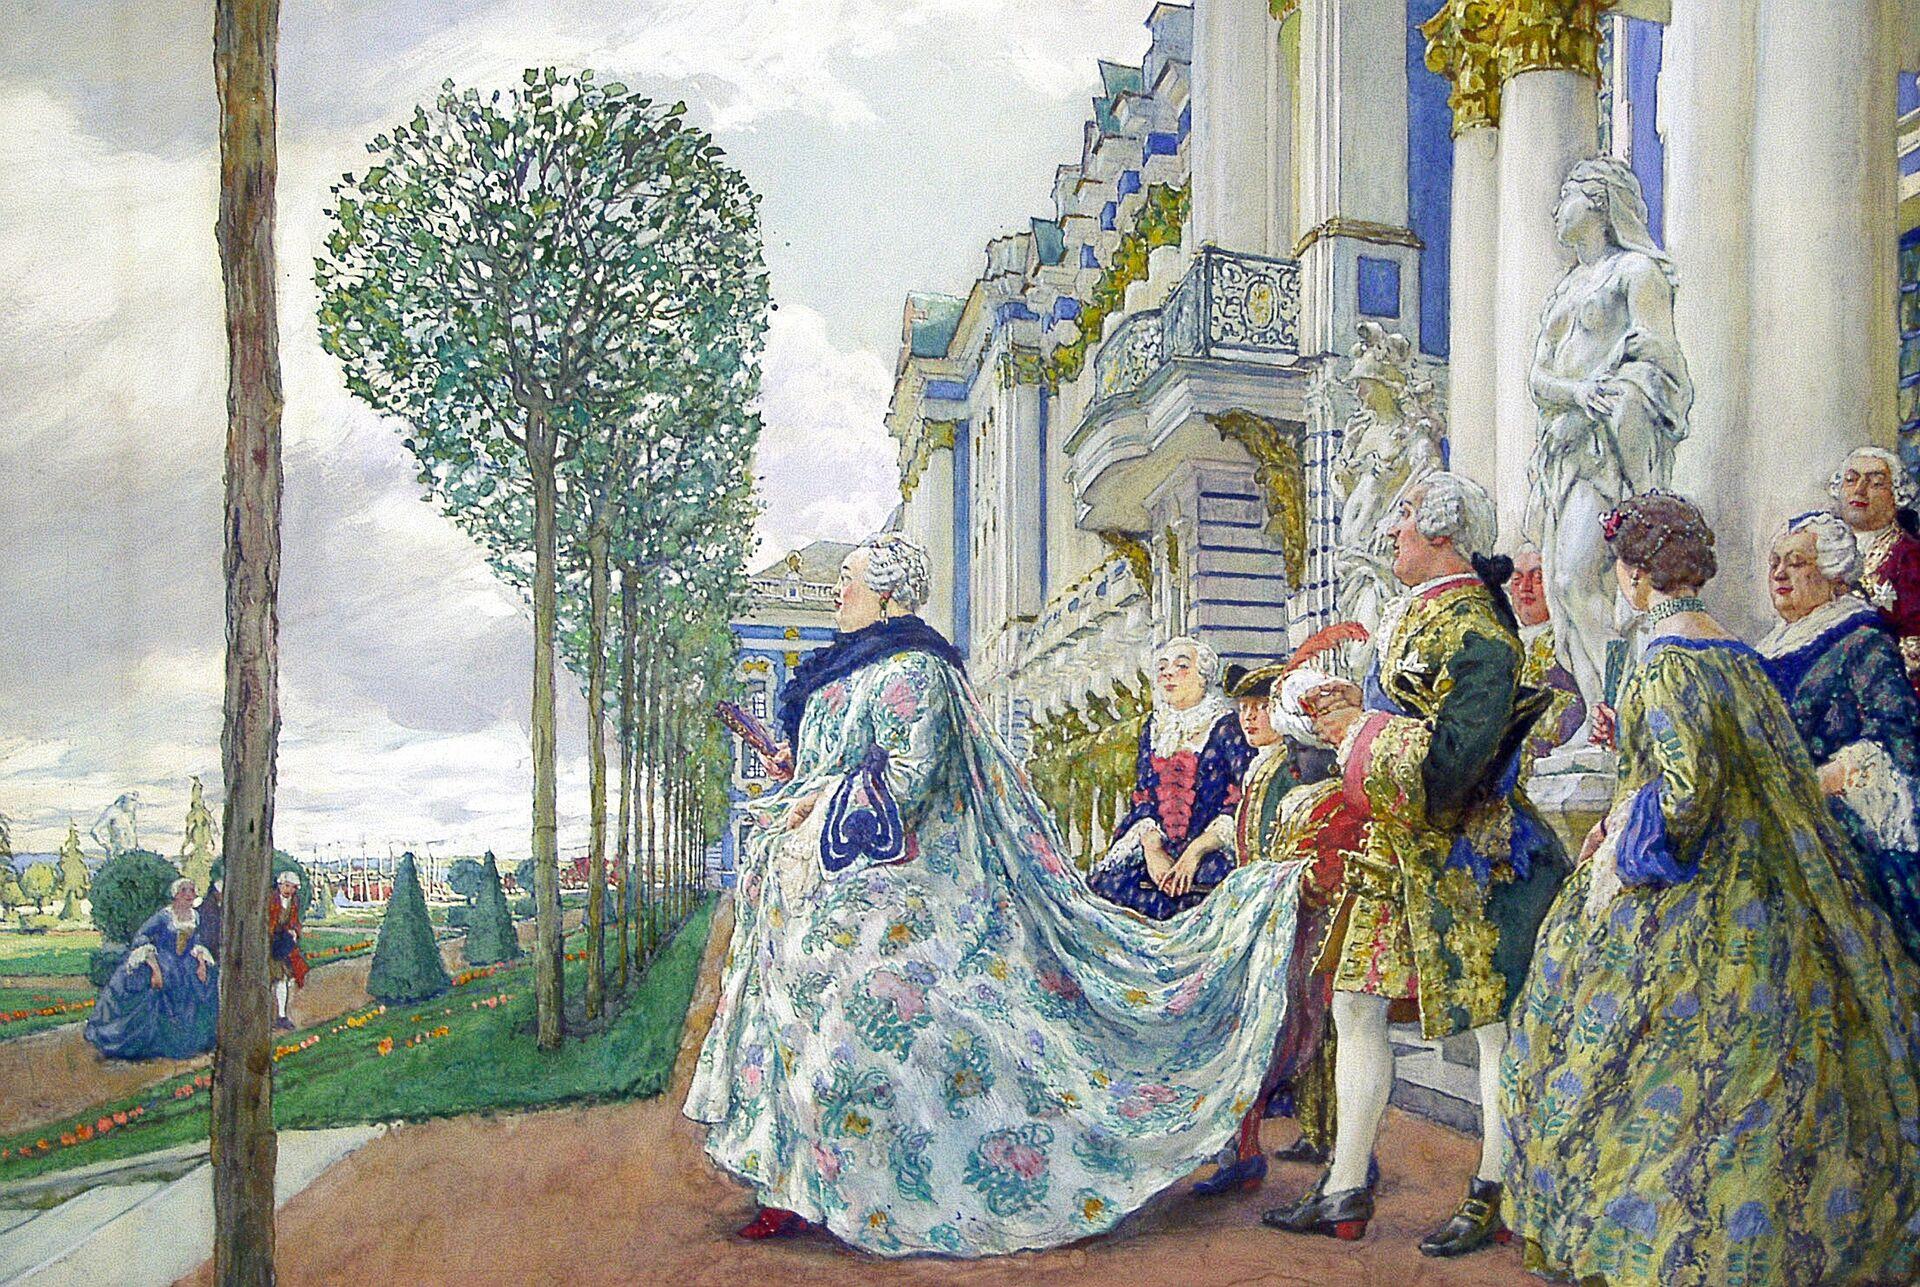 Рисунок Е.Лансере на выставке Придворная охота в Москве - РИА Новости, 1920, 03.01.2021